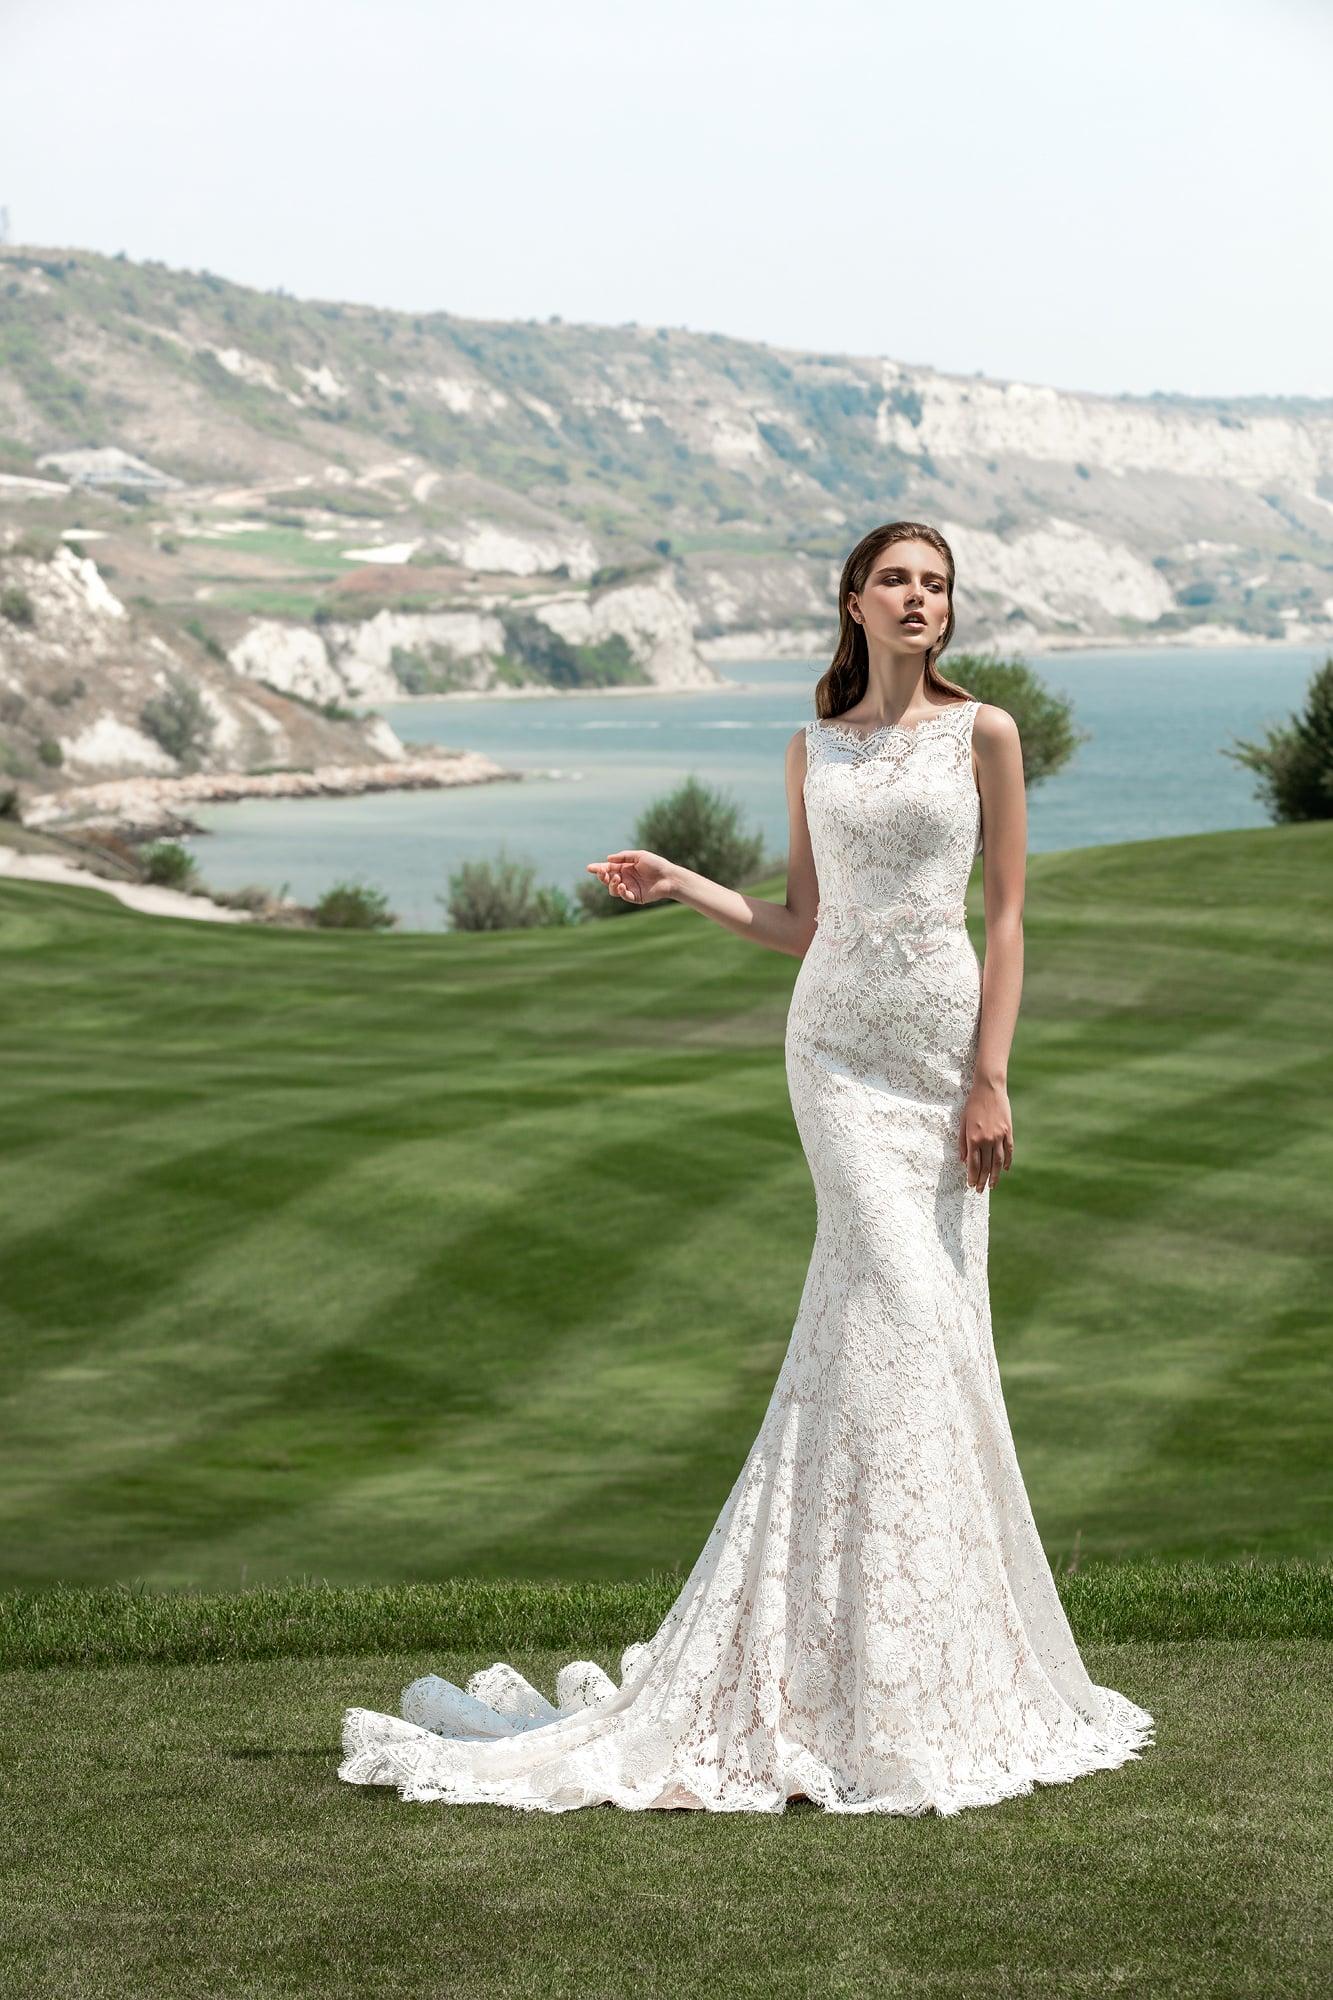 55776a69fb9 Кружевное свадебное платье «русалка» с длинным шлейфом и закрытым верхом с  вырезом под горло